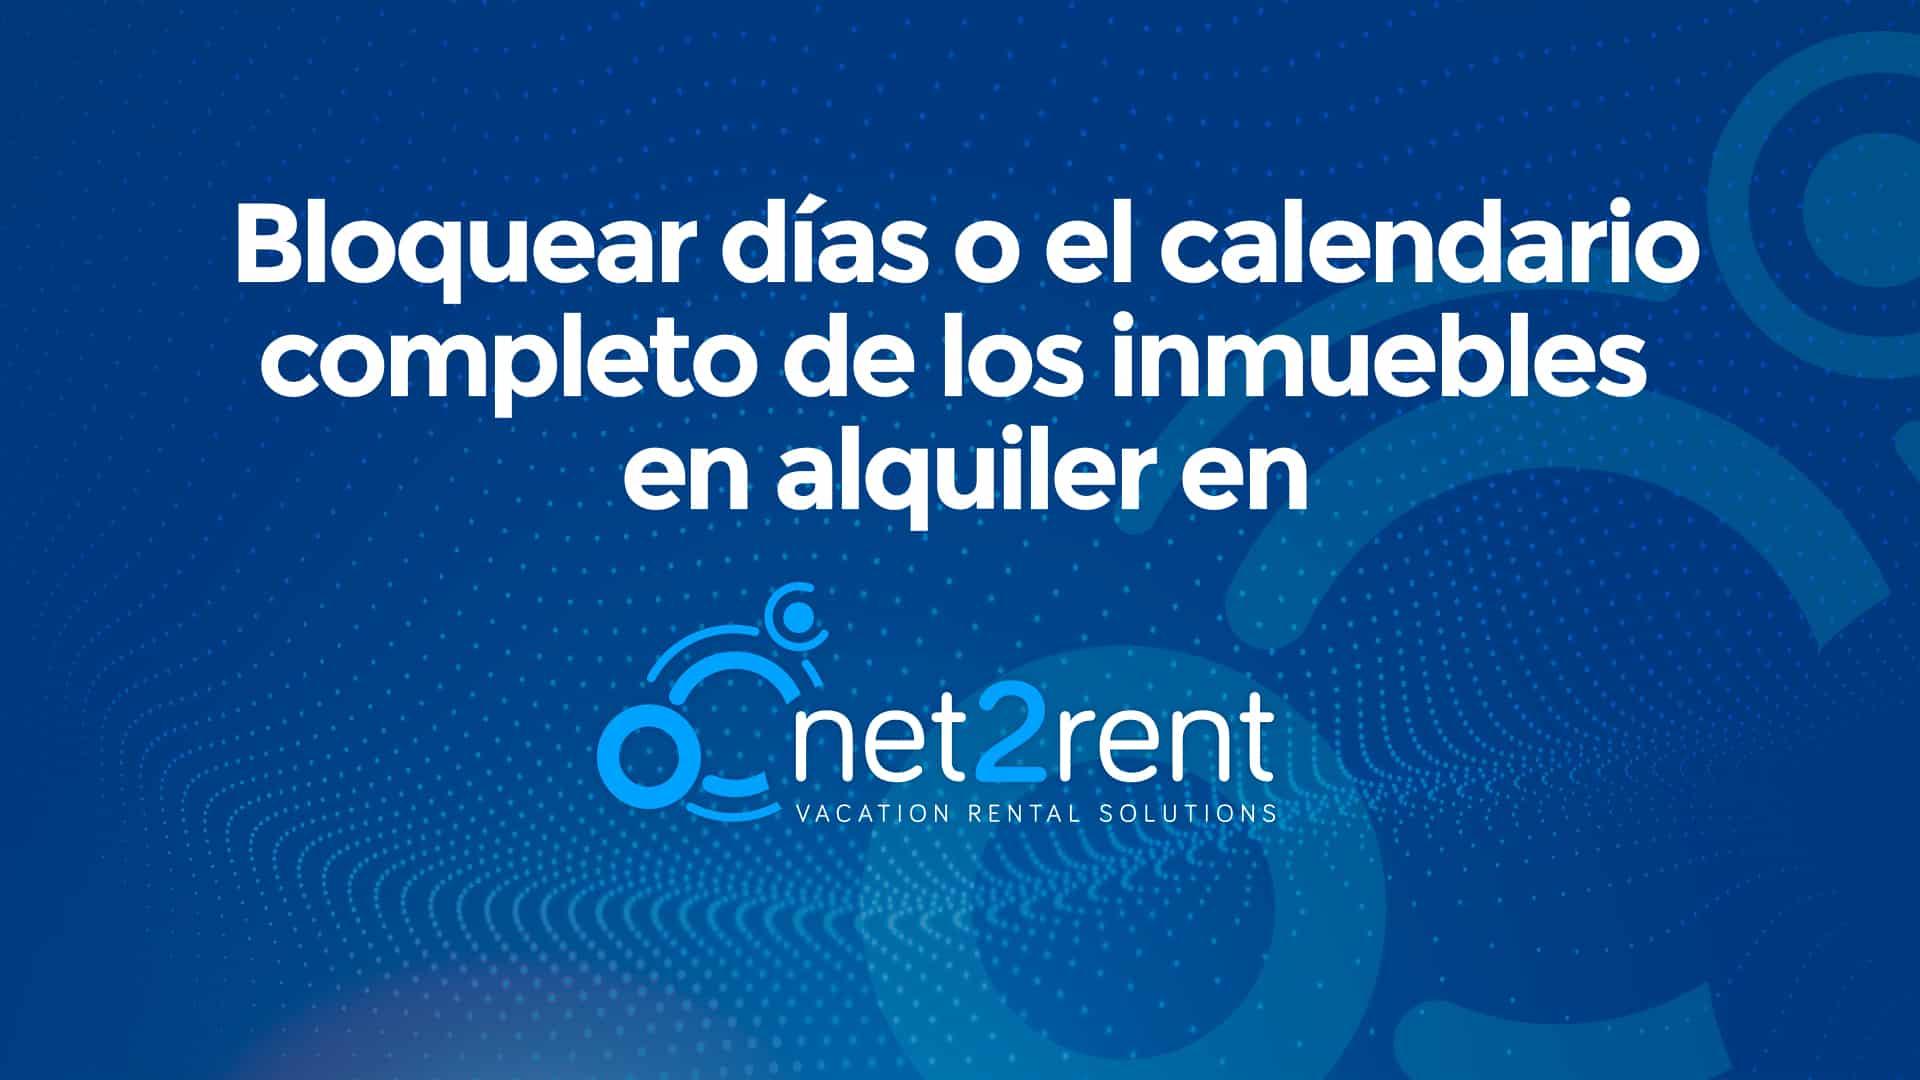 Nueva Guía Rápida de net2rent: 07 – Bloquear días o el calendario completo en inmuebles de alquiler